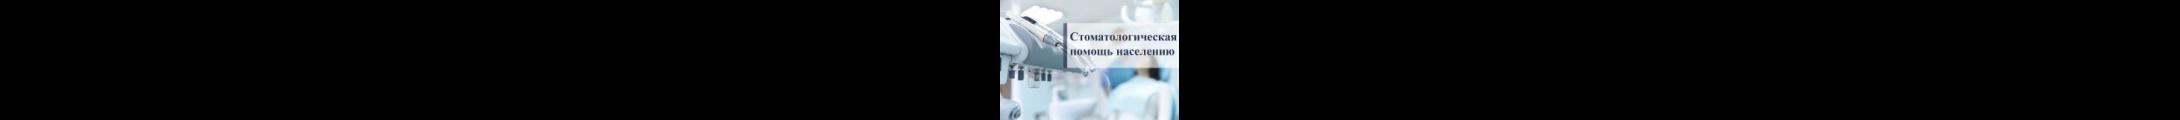 """Повышение квалификации """"Стоматологическая помощь населению"""""""